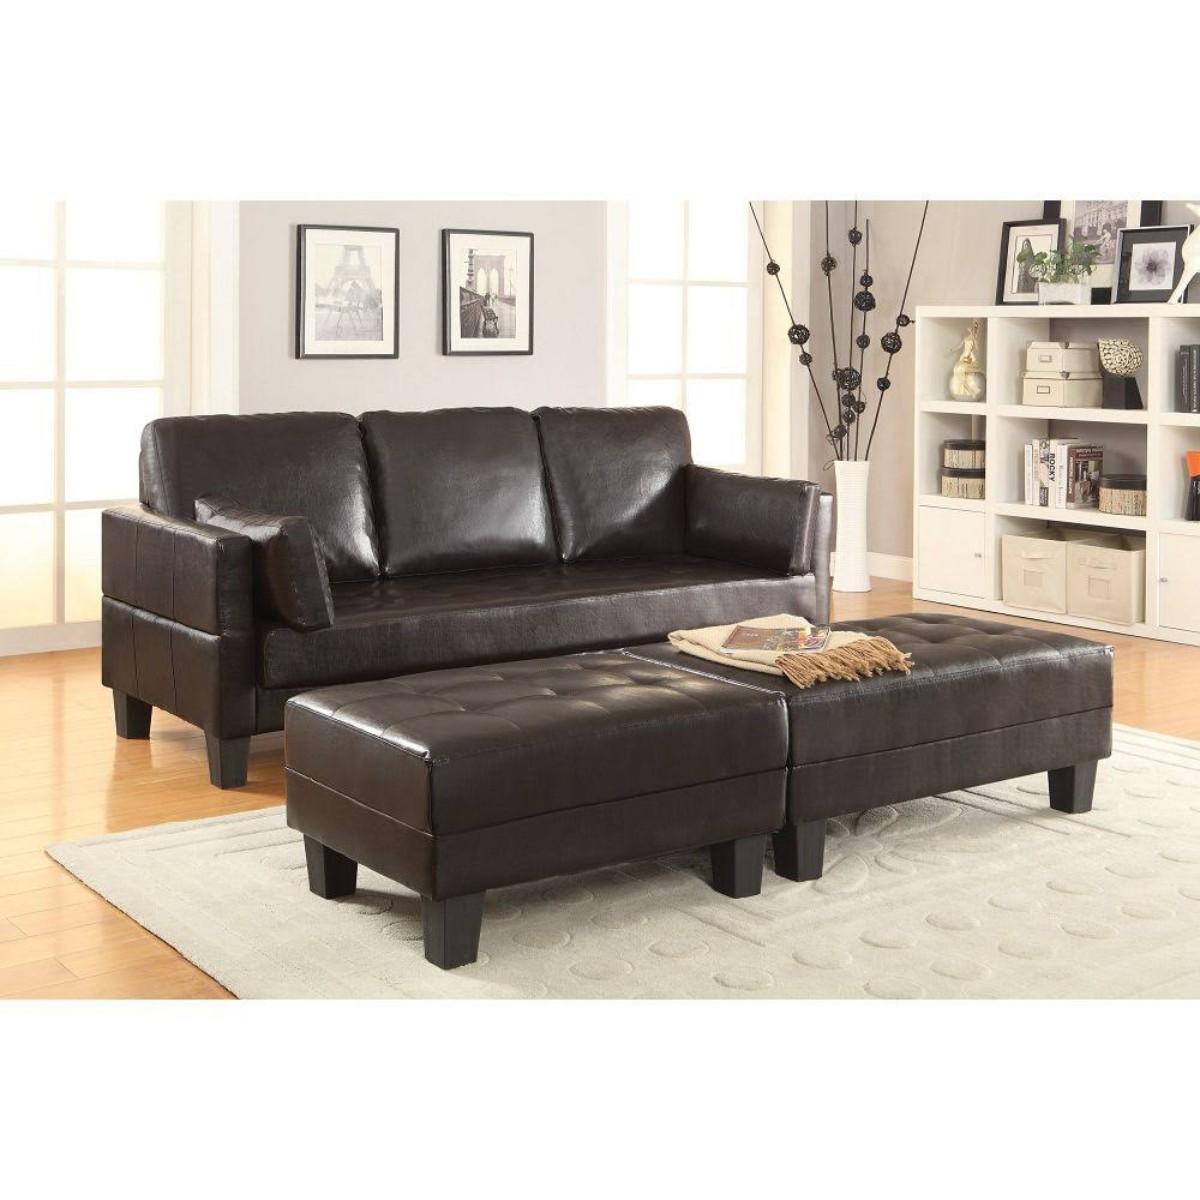 Coaster Ellesmere Brown Leatherette Sofa Bed